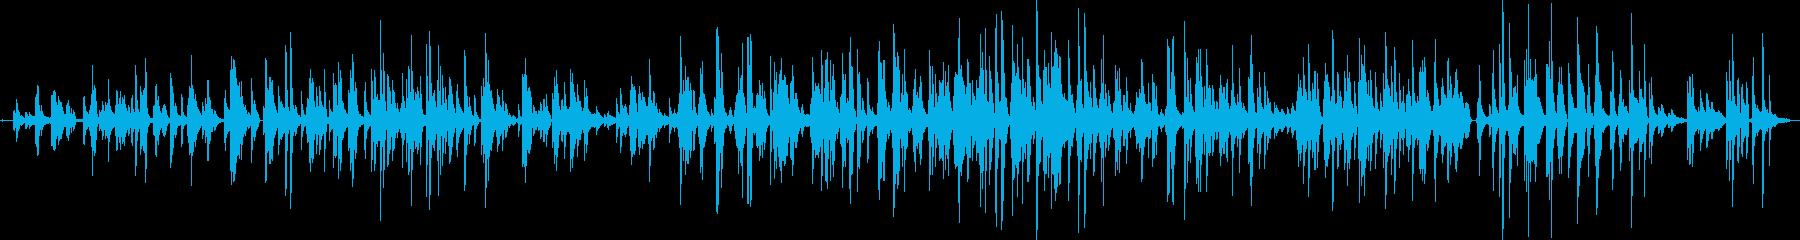 昔のジャズソロピアノの再生済みの波形